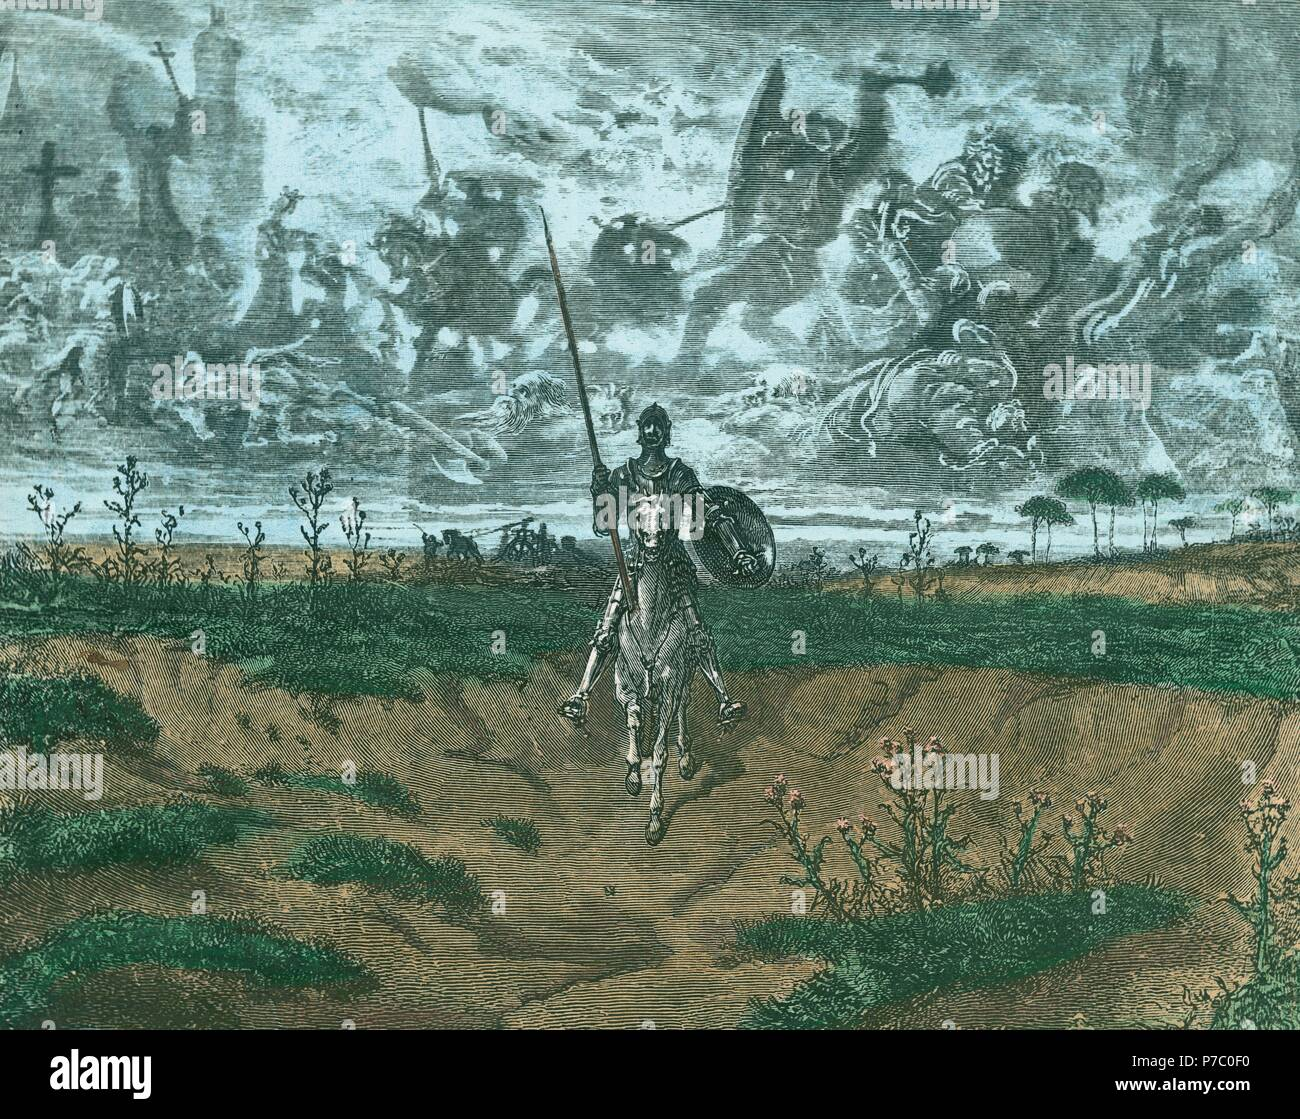 """Don Quijote: """"...caminando nuestro flamante aventurero, iba hablando.."""". Museum: COLECCION PARTICULAR MADRID ESPAÑA. Stock Photo"""